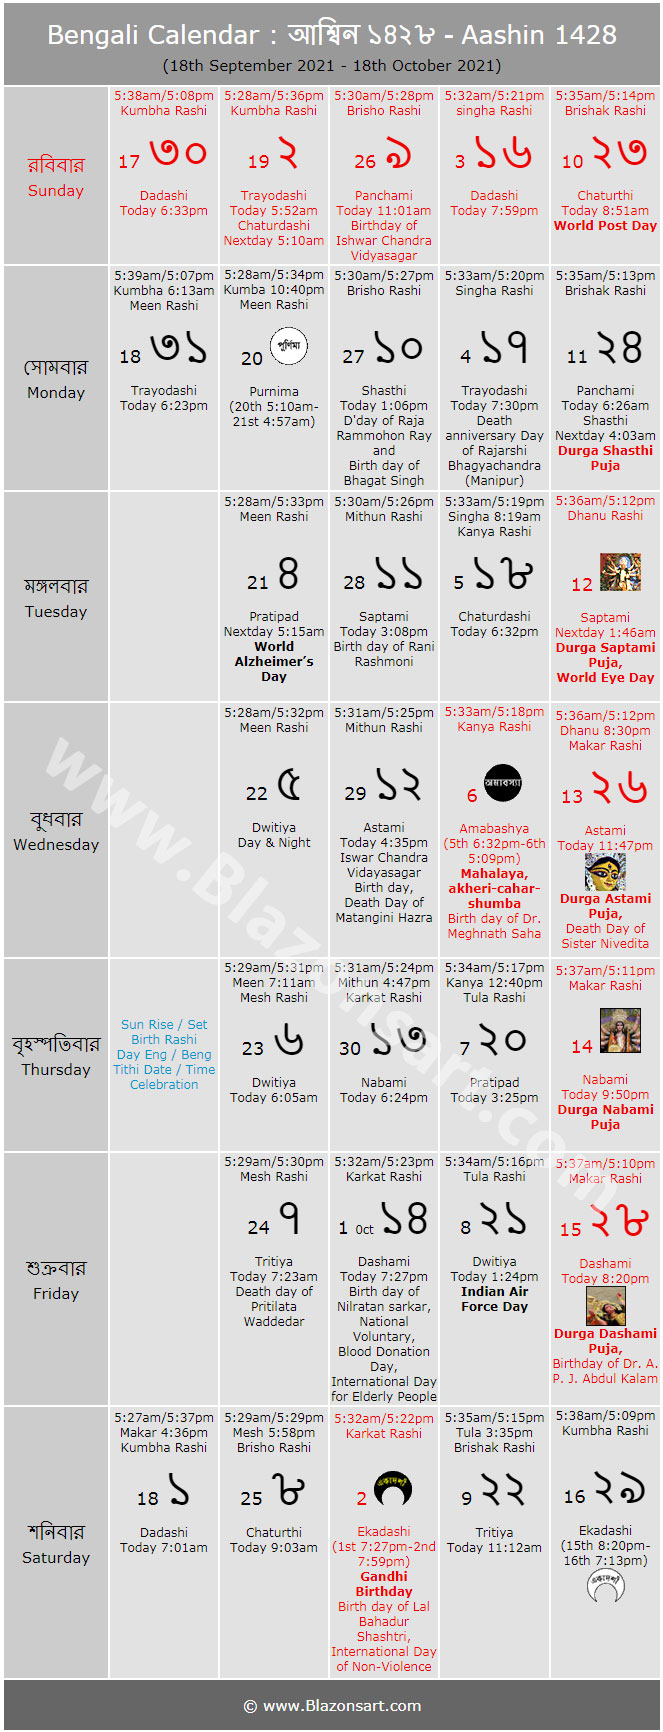 Bangla jokes pdf download ggettplant.